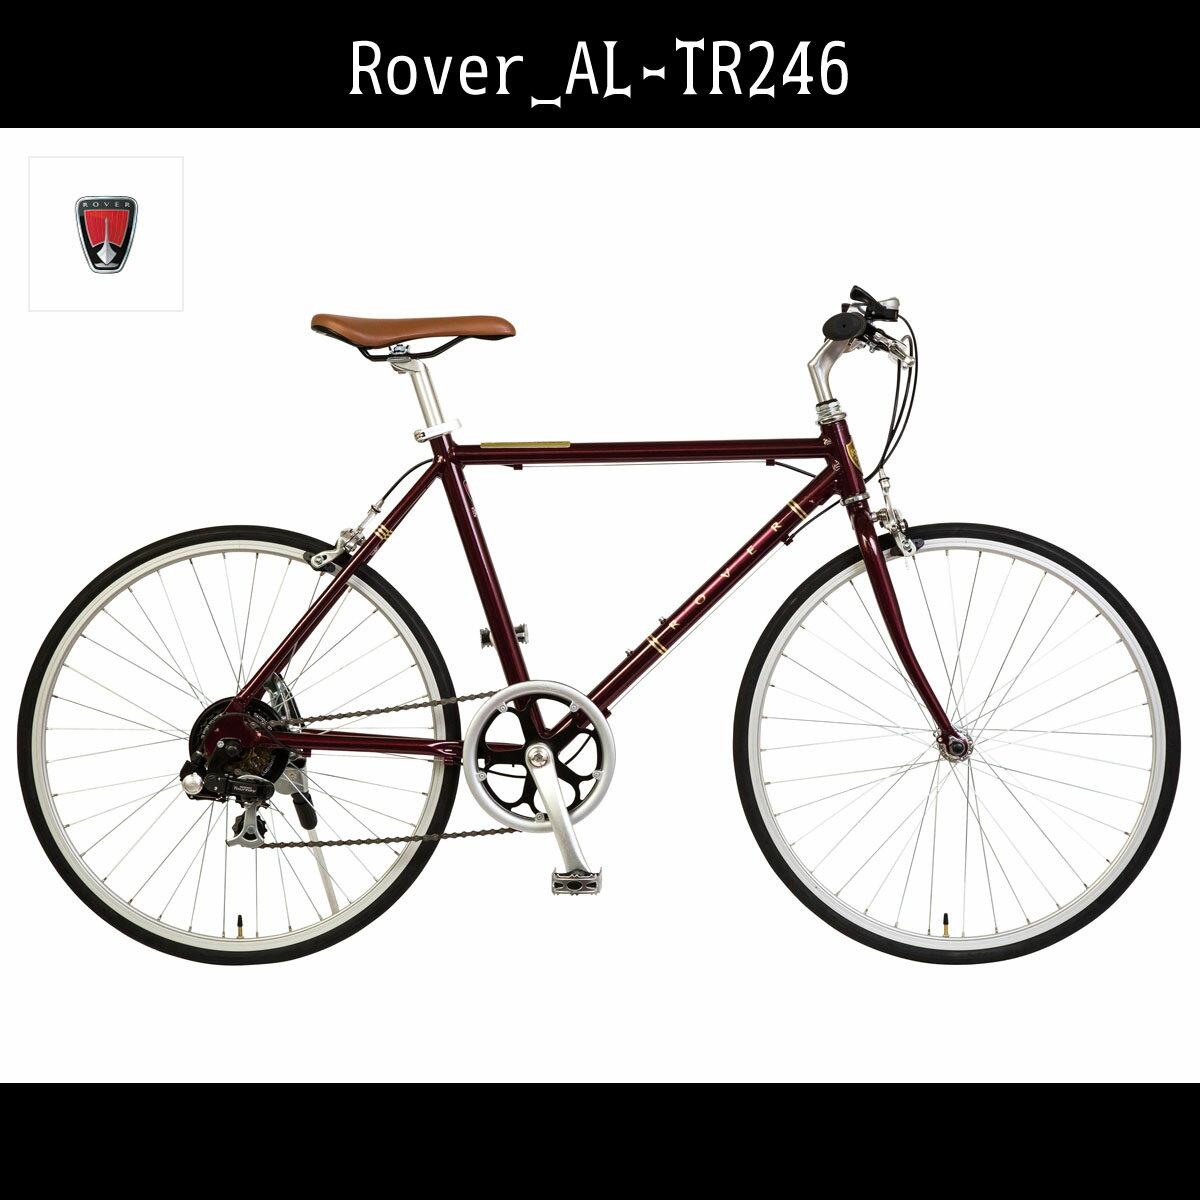 【送料無料 ロードバイク Rover ローバー 自転車 グリーン/緑】【24インチ 自転車 外装6段変速ギア 軽量アルミ】ロードバイク ローバー AL-TR246 おしゃれ